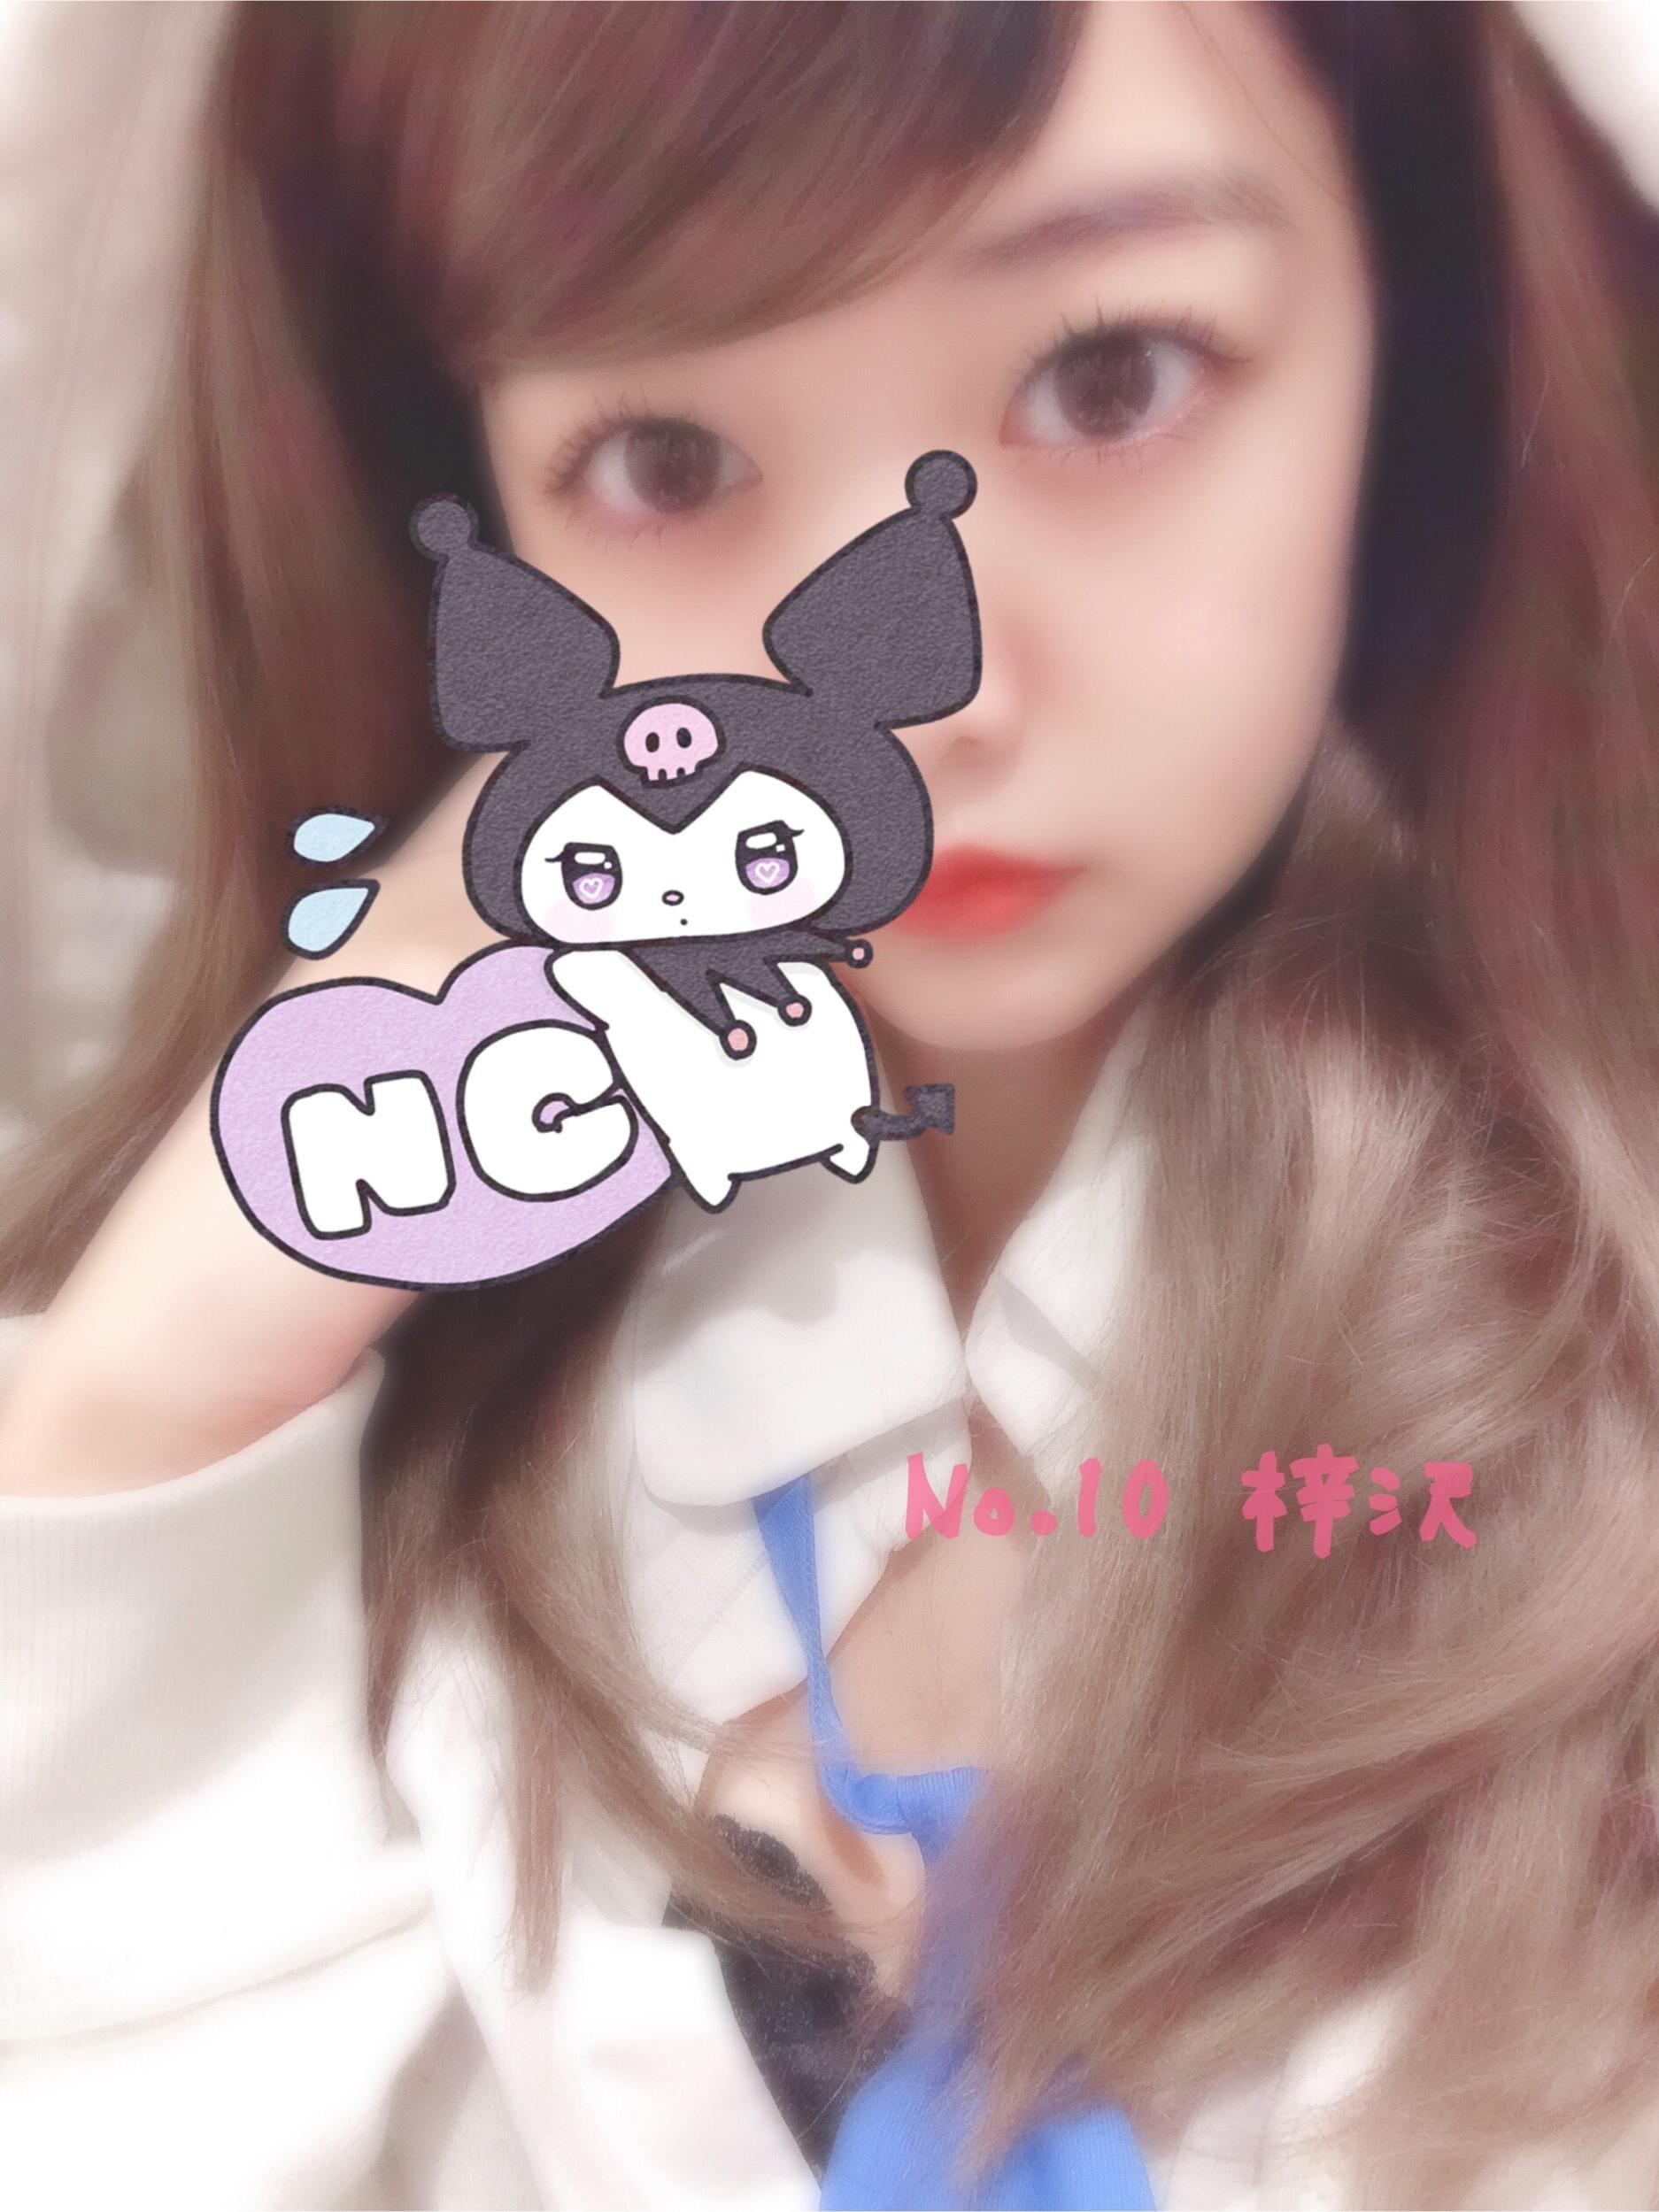 「脱いじゃうぞ」02/20(02/20) 12:20   梓沢の写メ・風俗動画